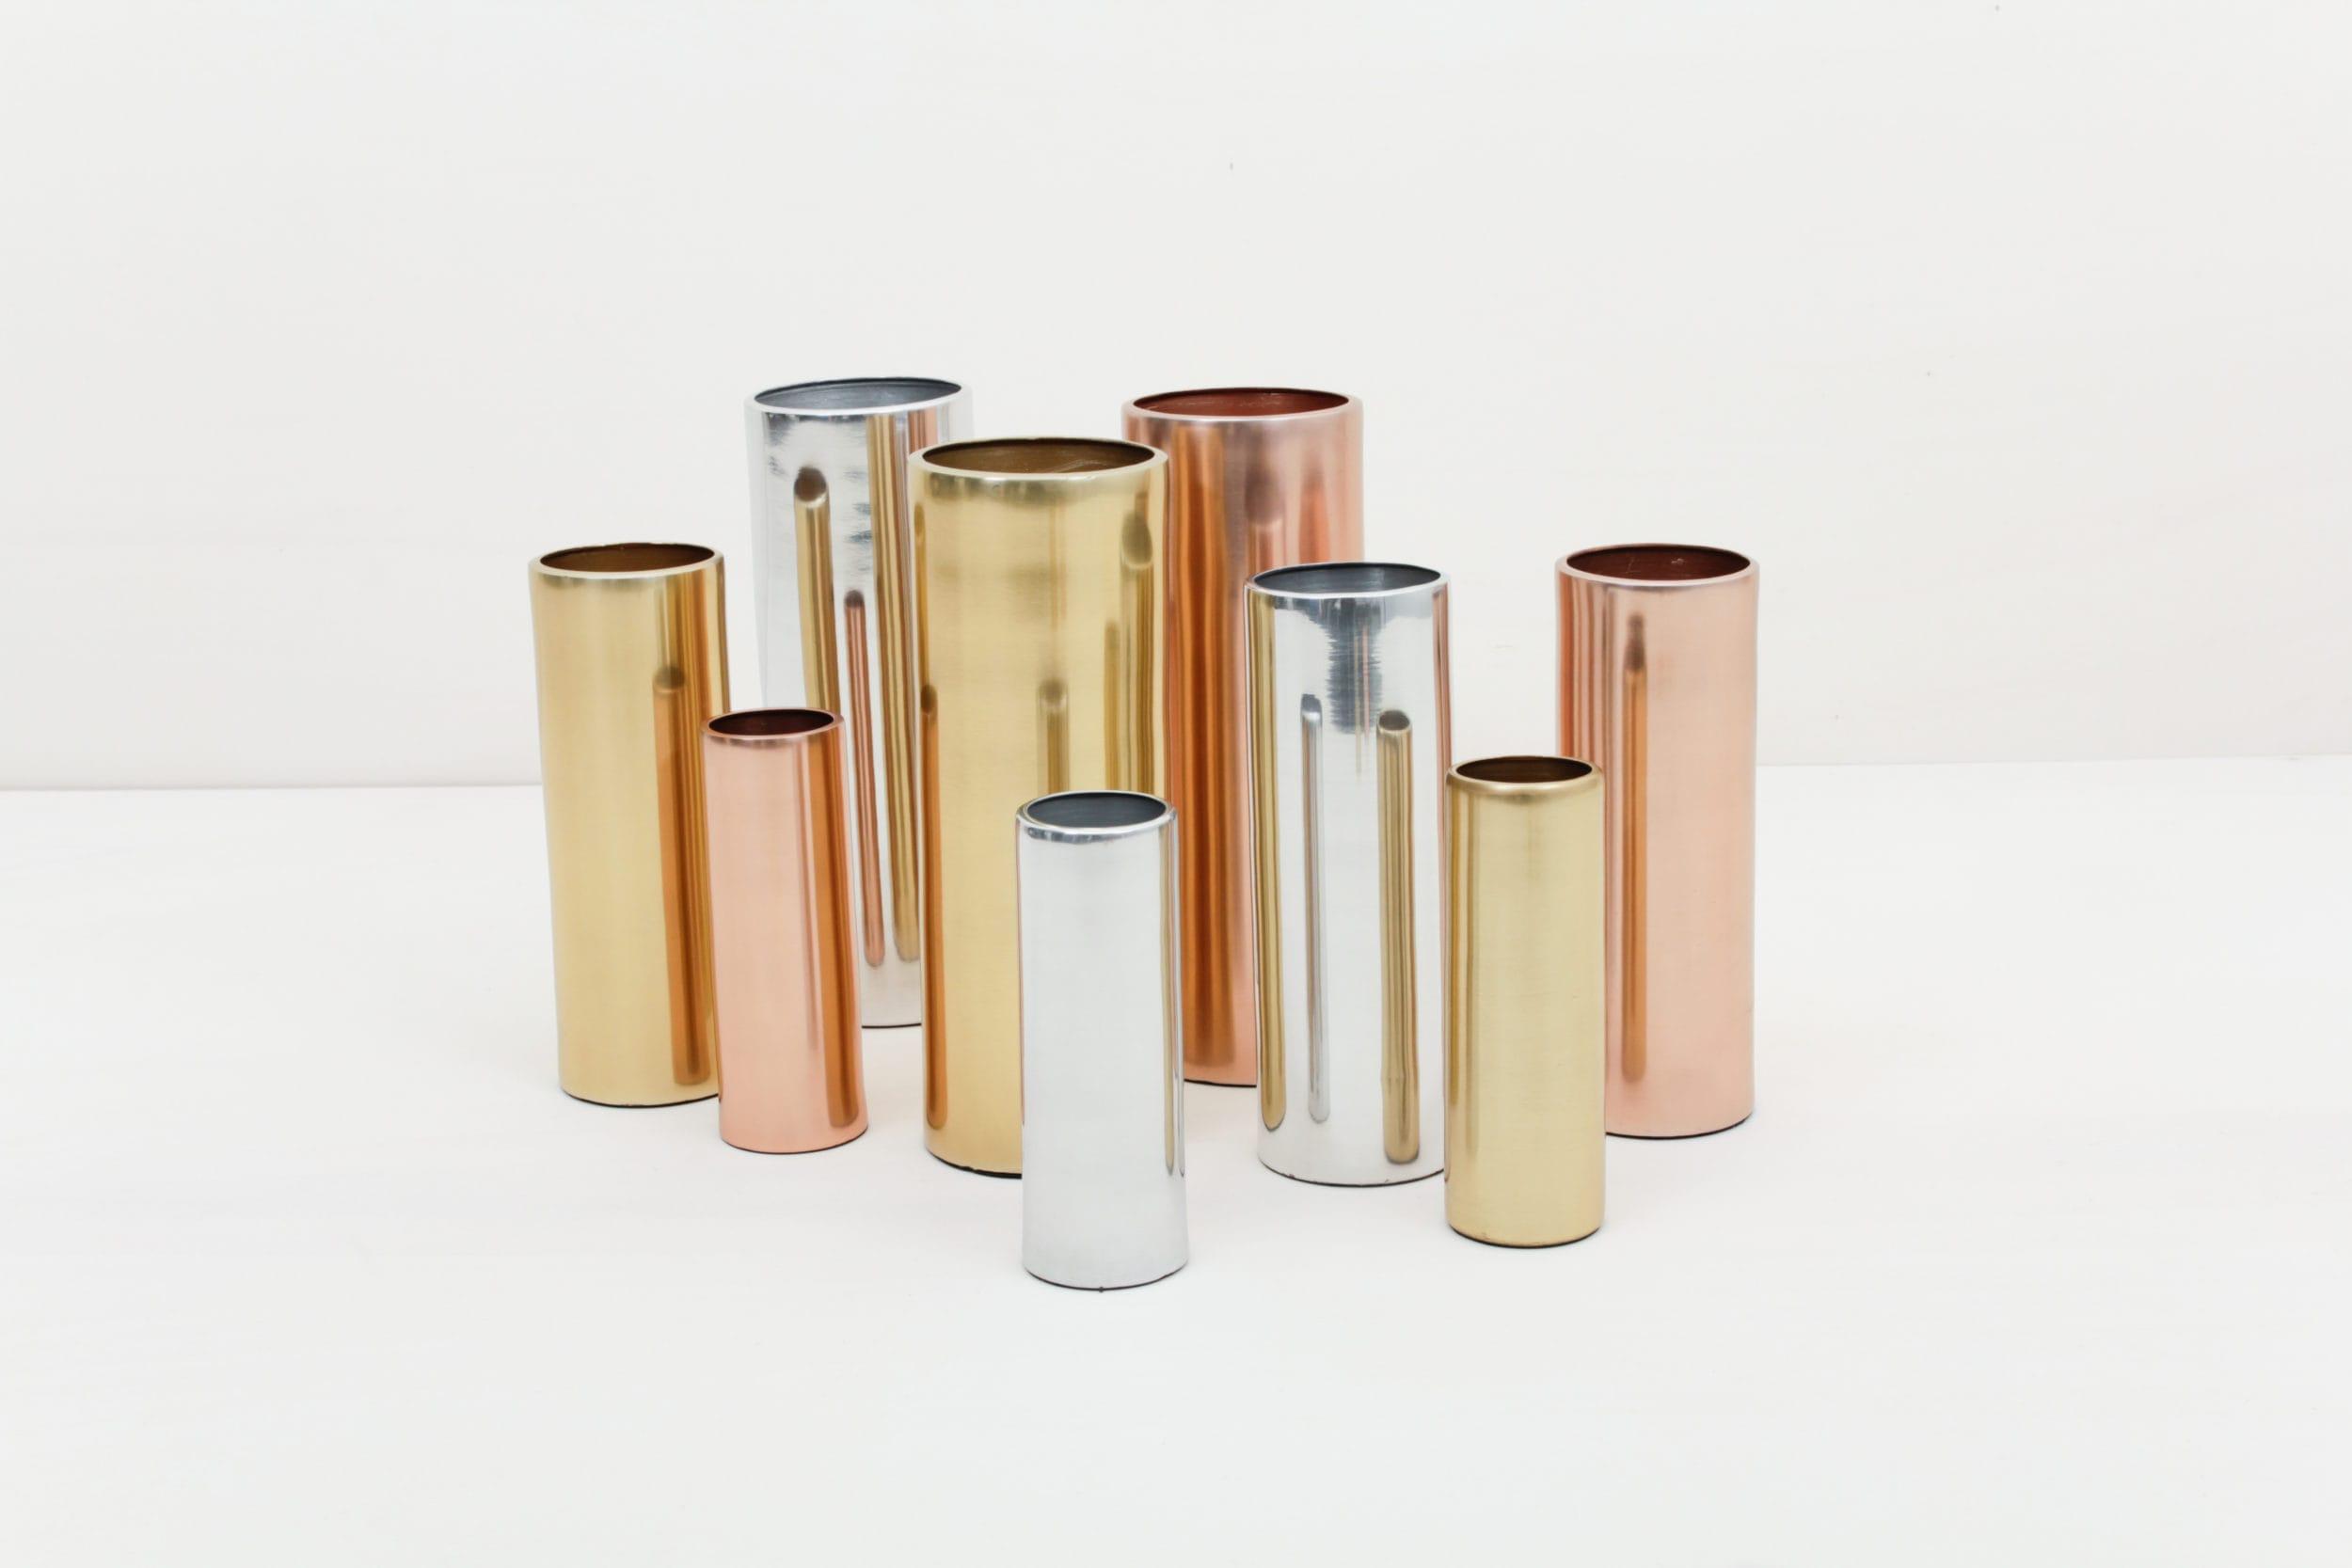 Deko-Lichter, Teelicht, Vasen mieten